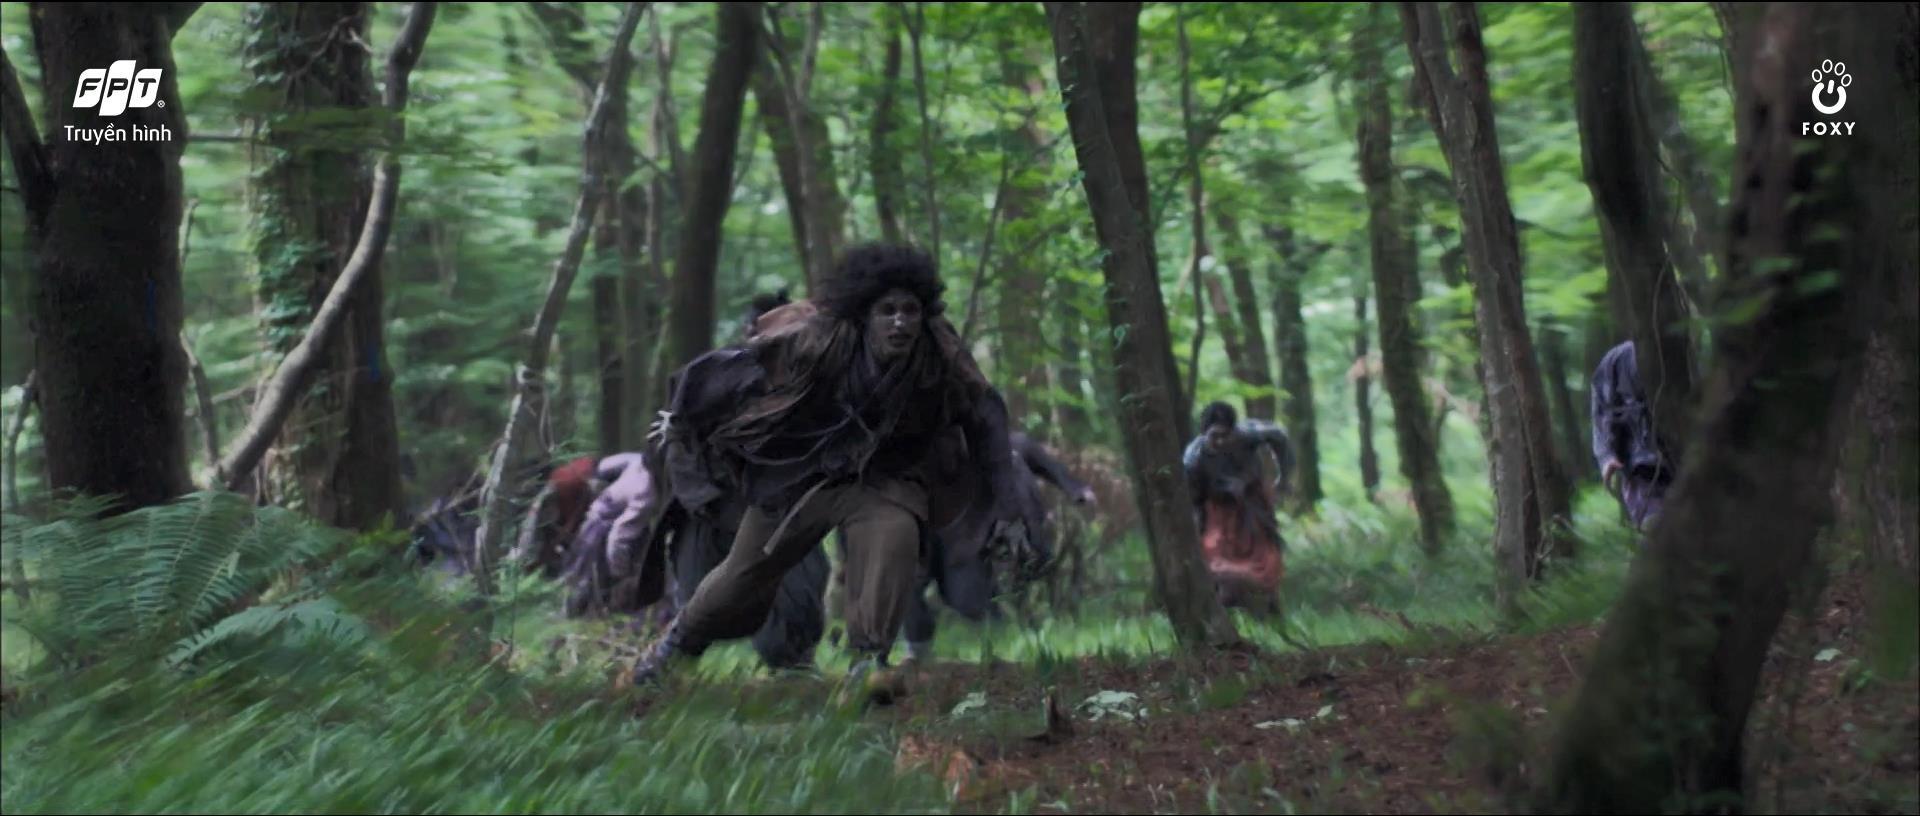 Bạn Trai Tôi Là Hồ Ly và hình tượng zombie - chạy theo xu hướng hay một ẩn dụ sâu sắc? - Ảnh 6.